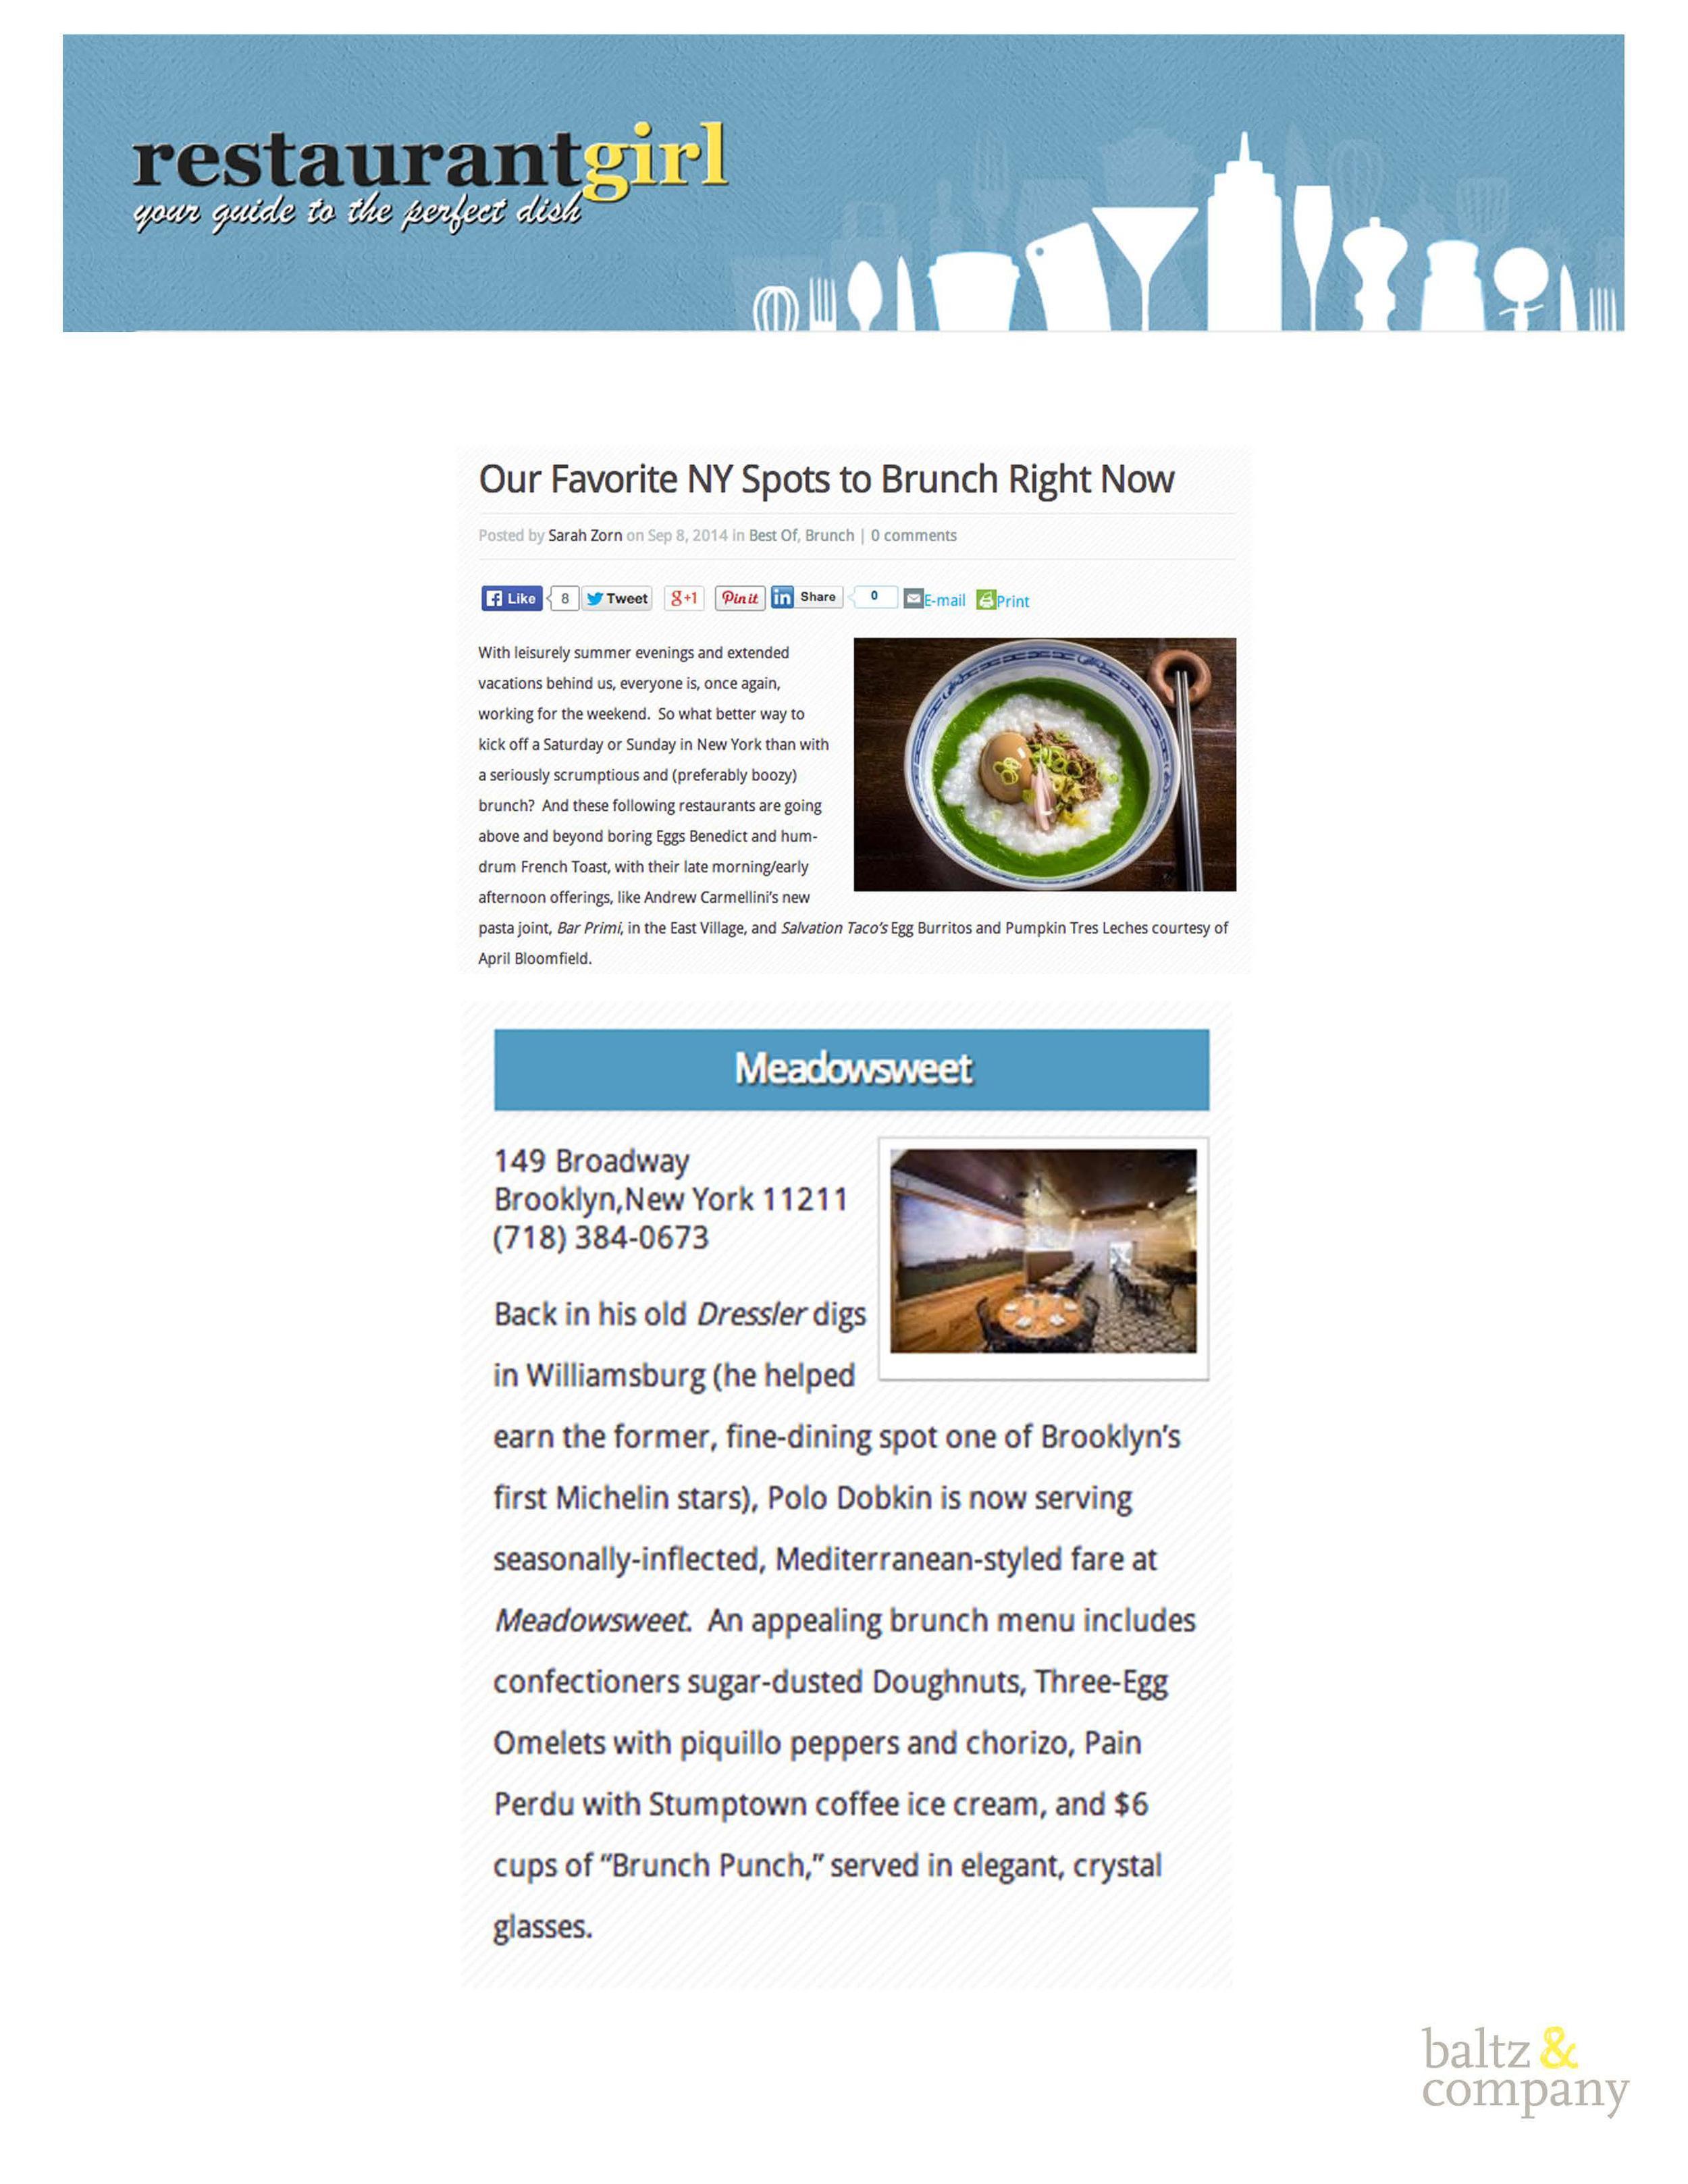 RestaurantGirl-2.jpg